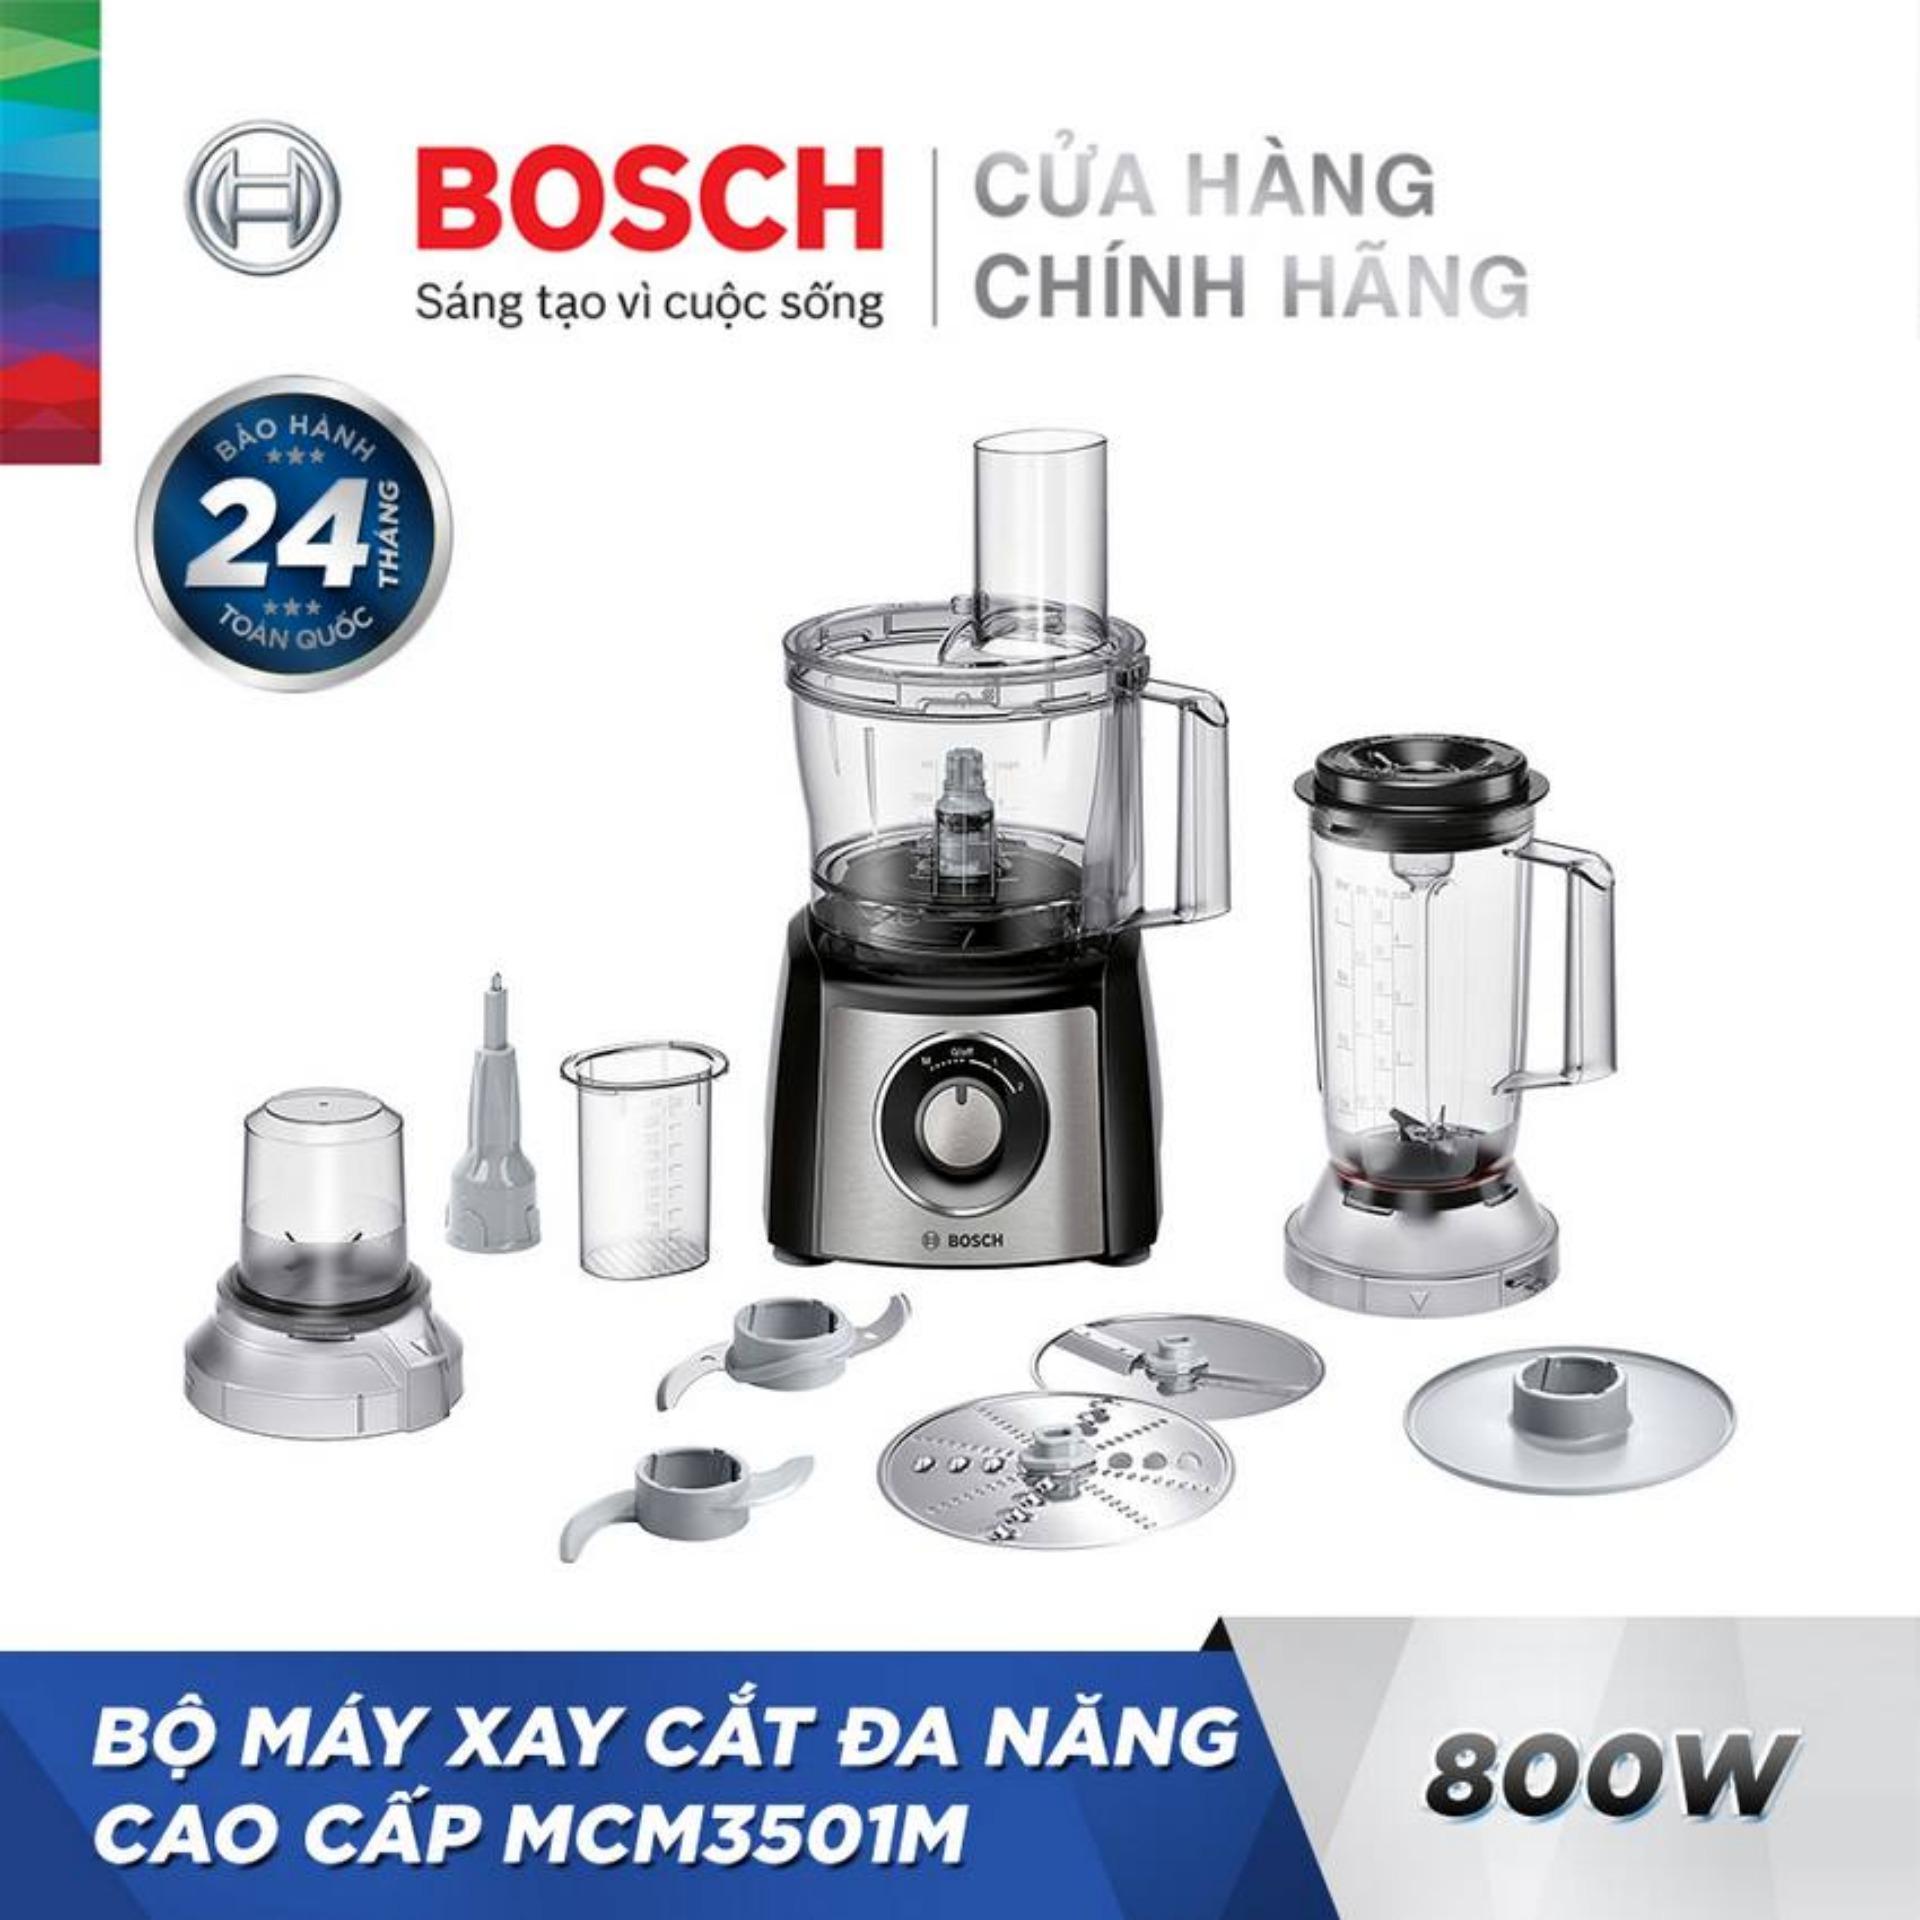 Bộ máy xay cắt đa năng cao cấp Bosch MCM3501M (800W)